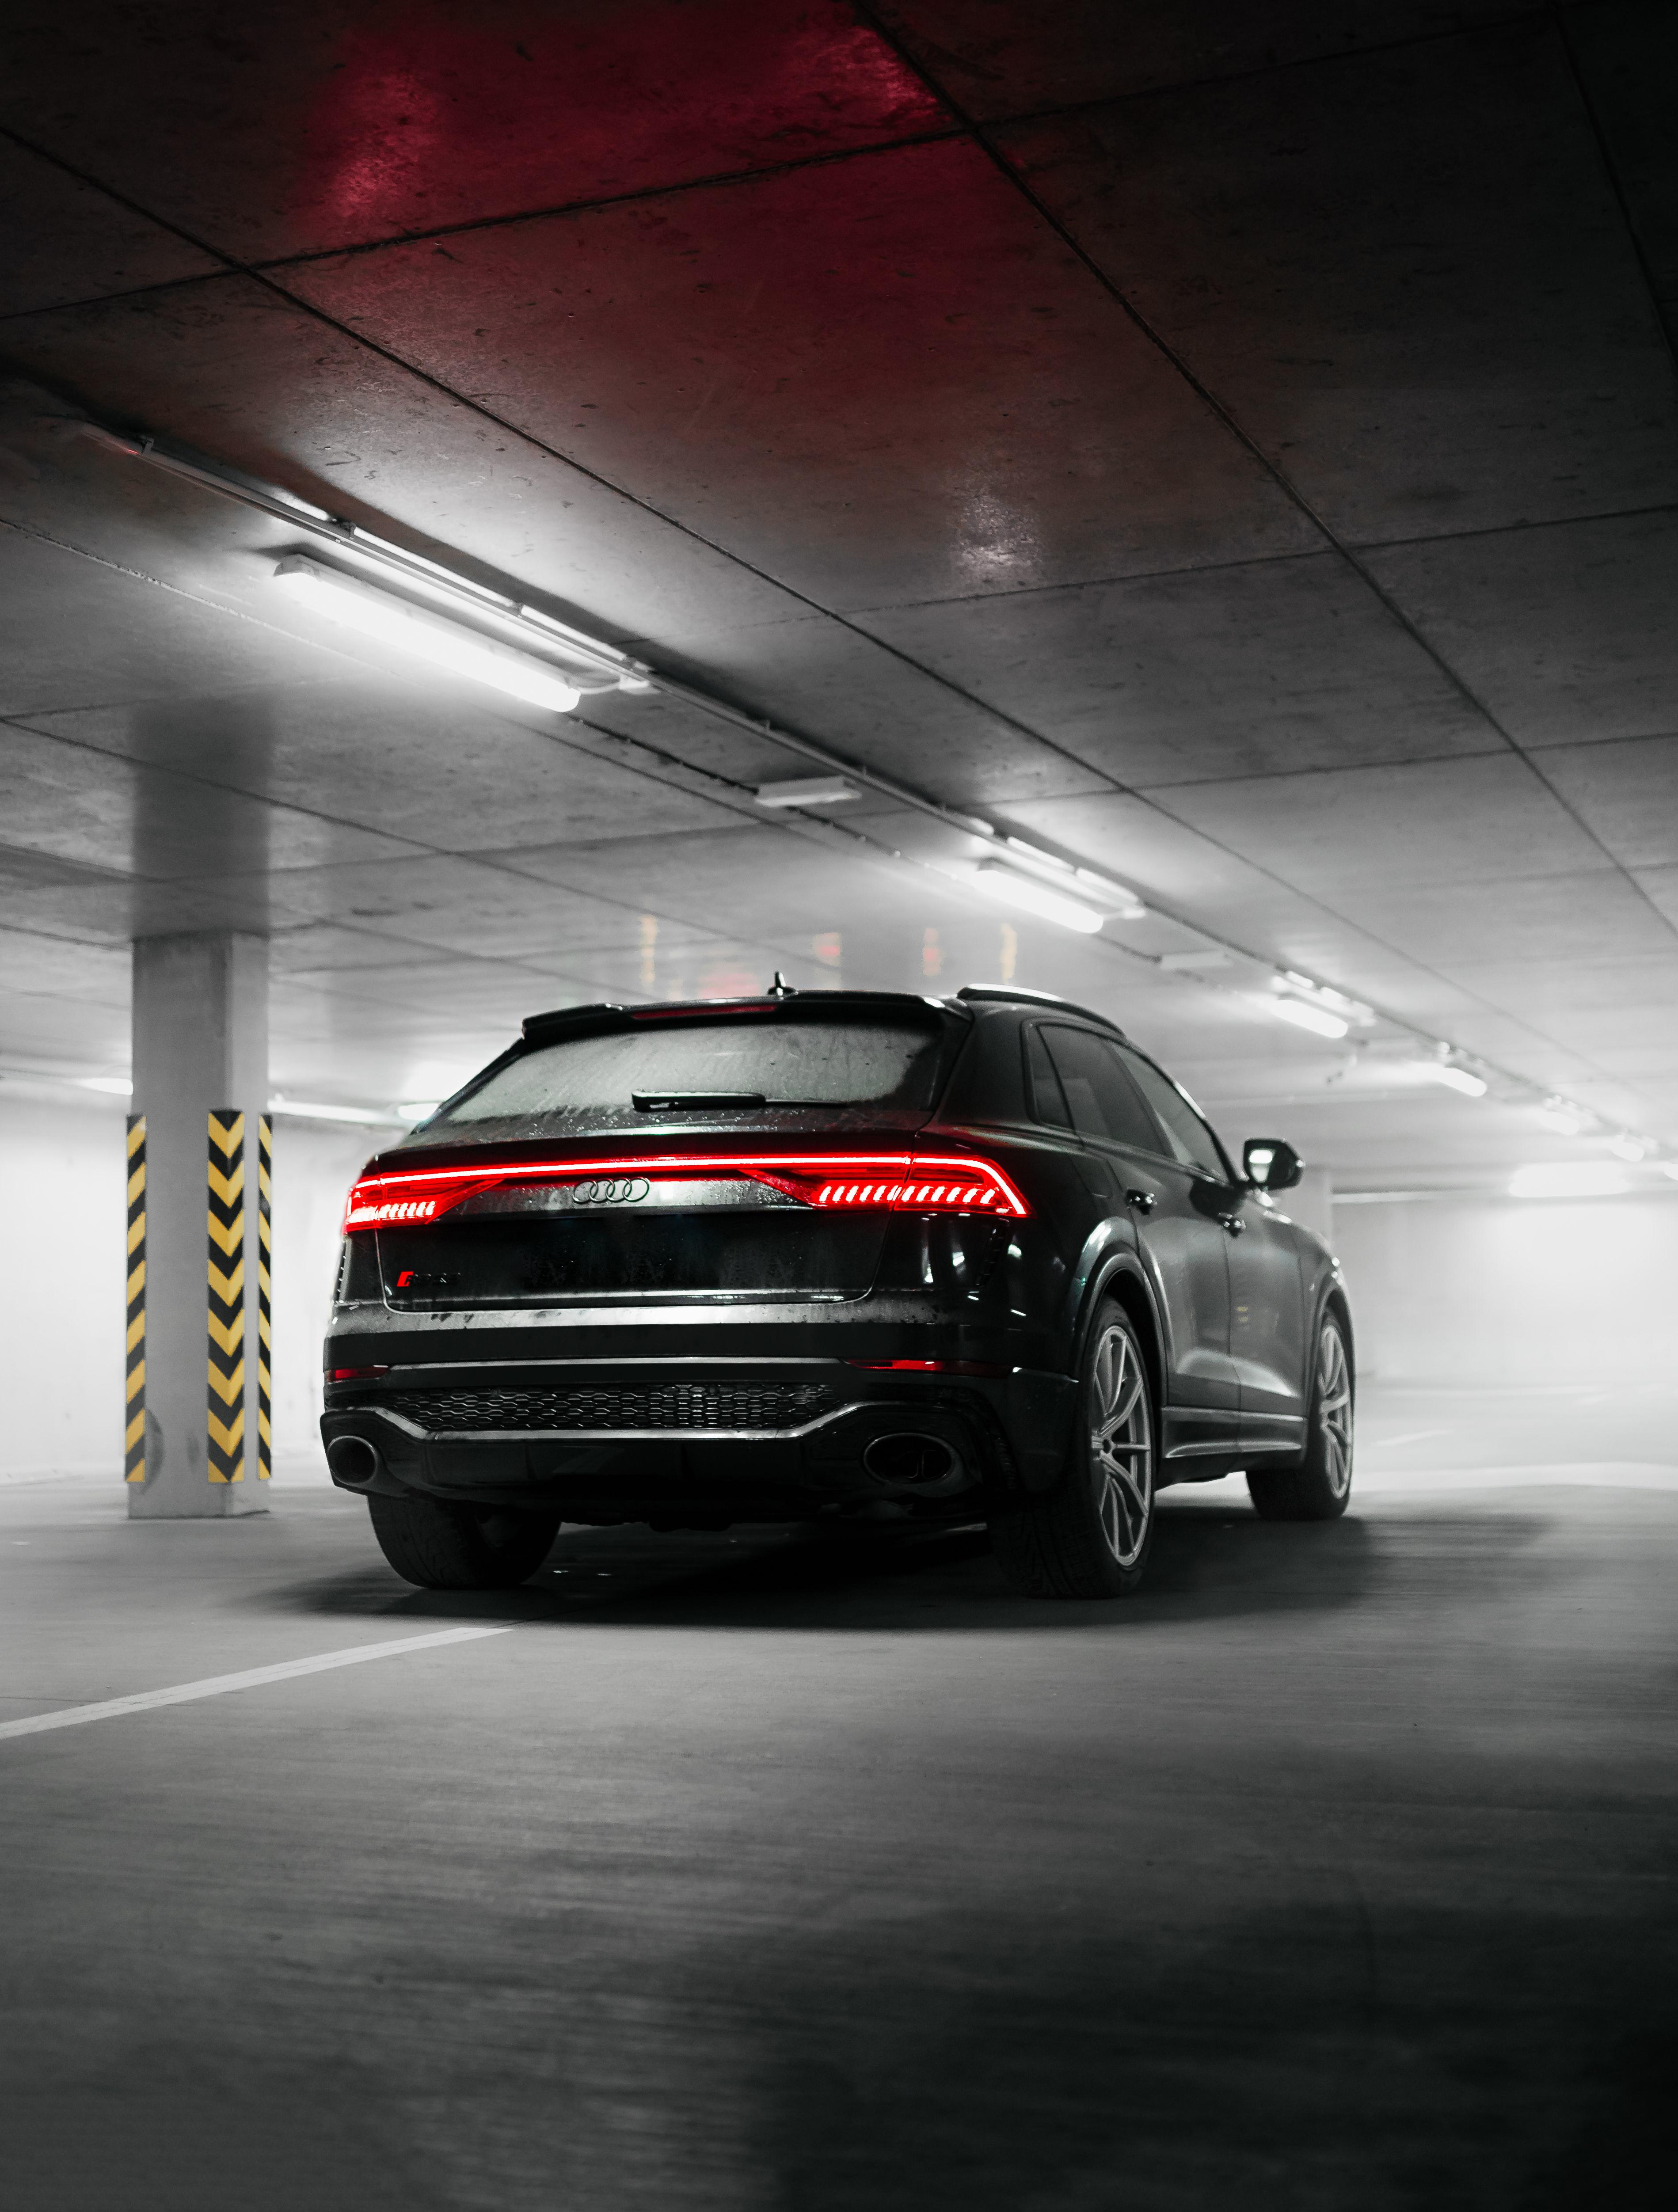 120593 скачать обои Тачки (Cars), Audi Q8, Ауди (Audi), Автомобиль, Внедорожник, Черный, Вид Сзади - заставки и картинки бесплатно